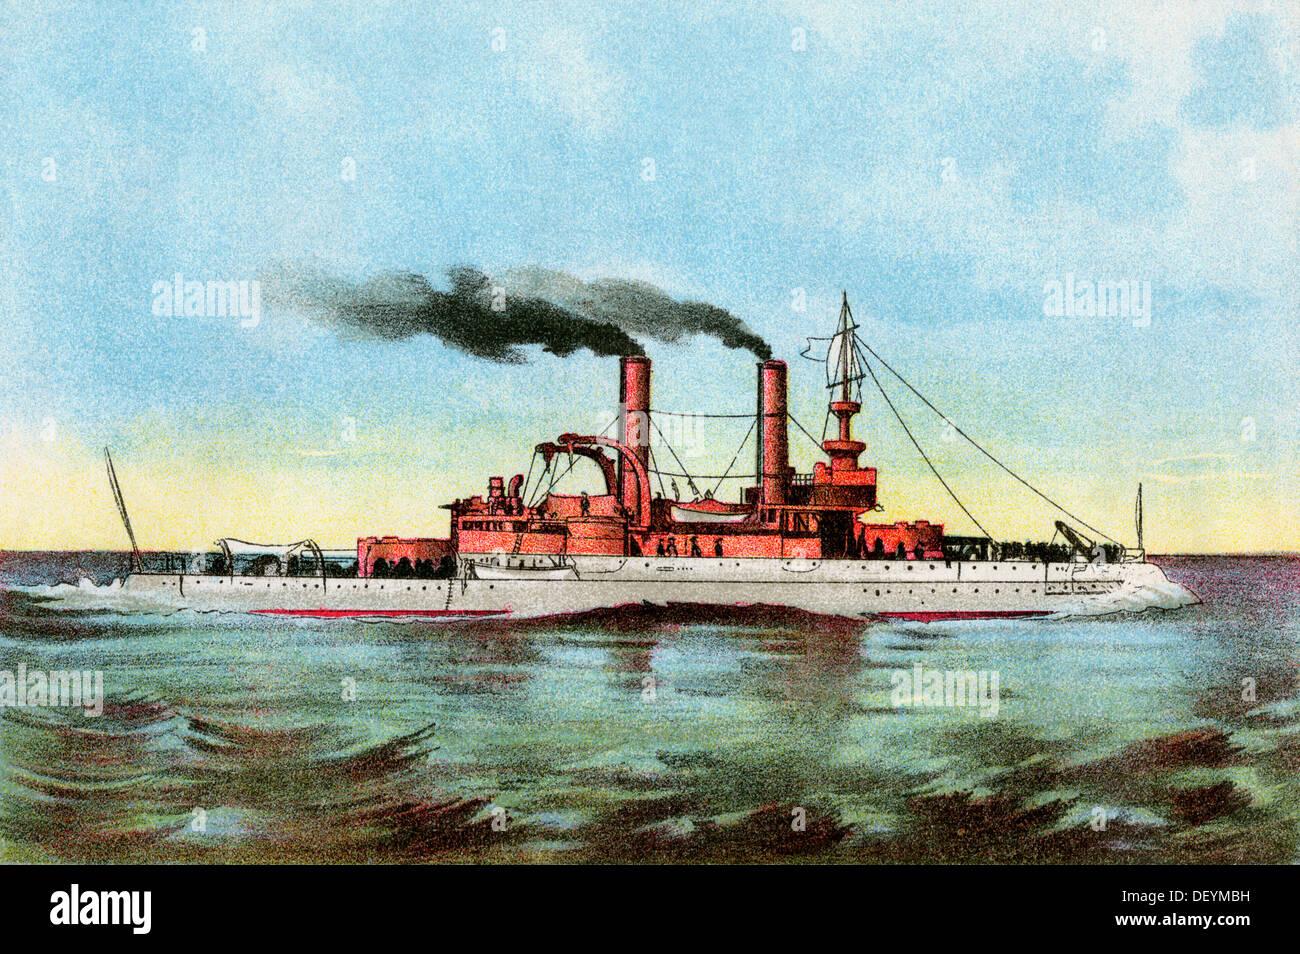 Le cuirassé américain 'Iowa' vers 1900. Lithographie couleur Photo Stock